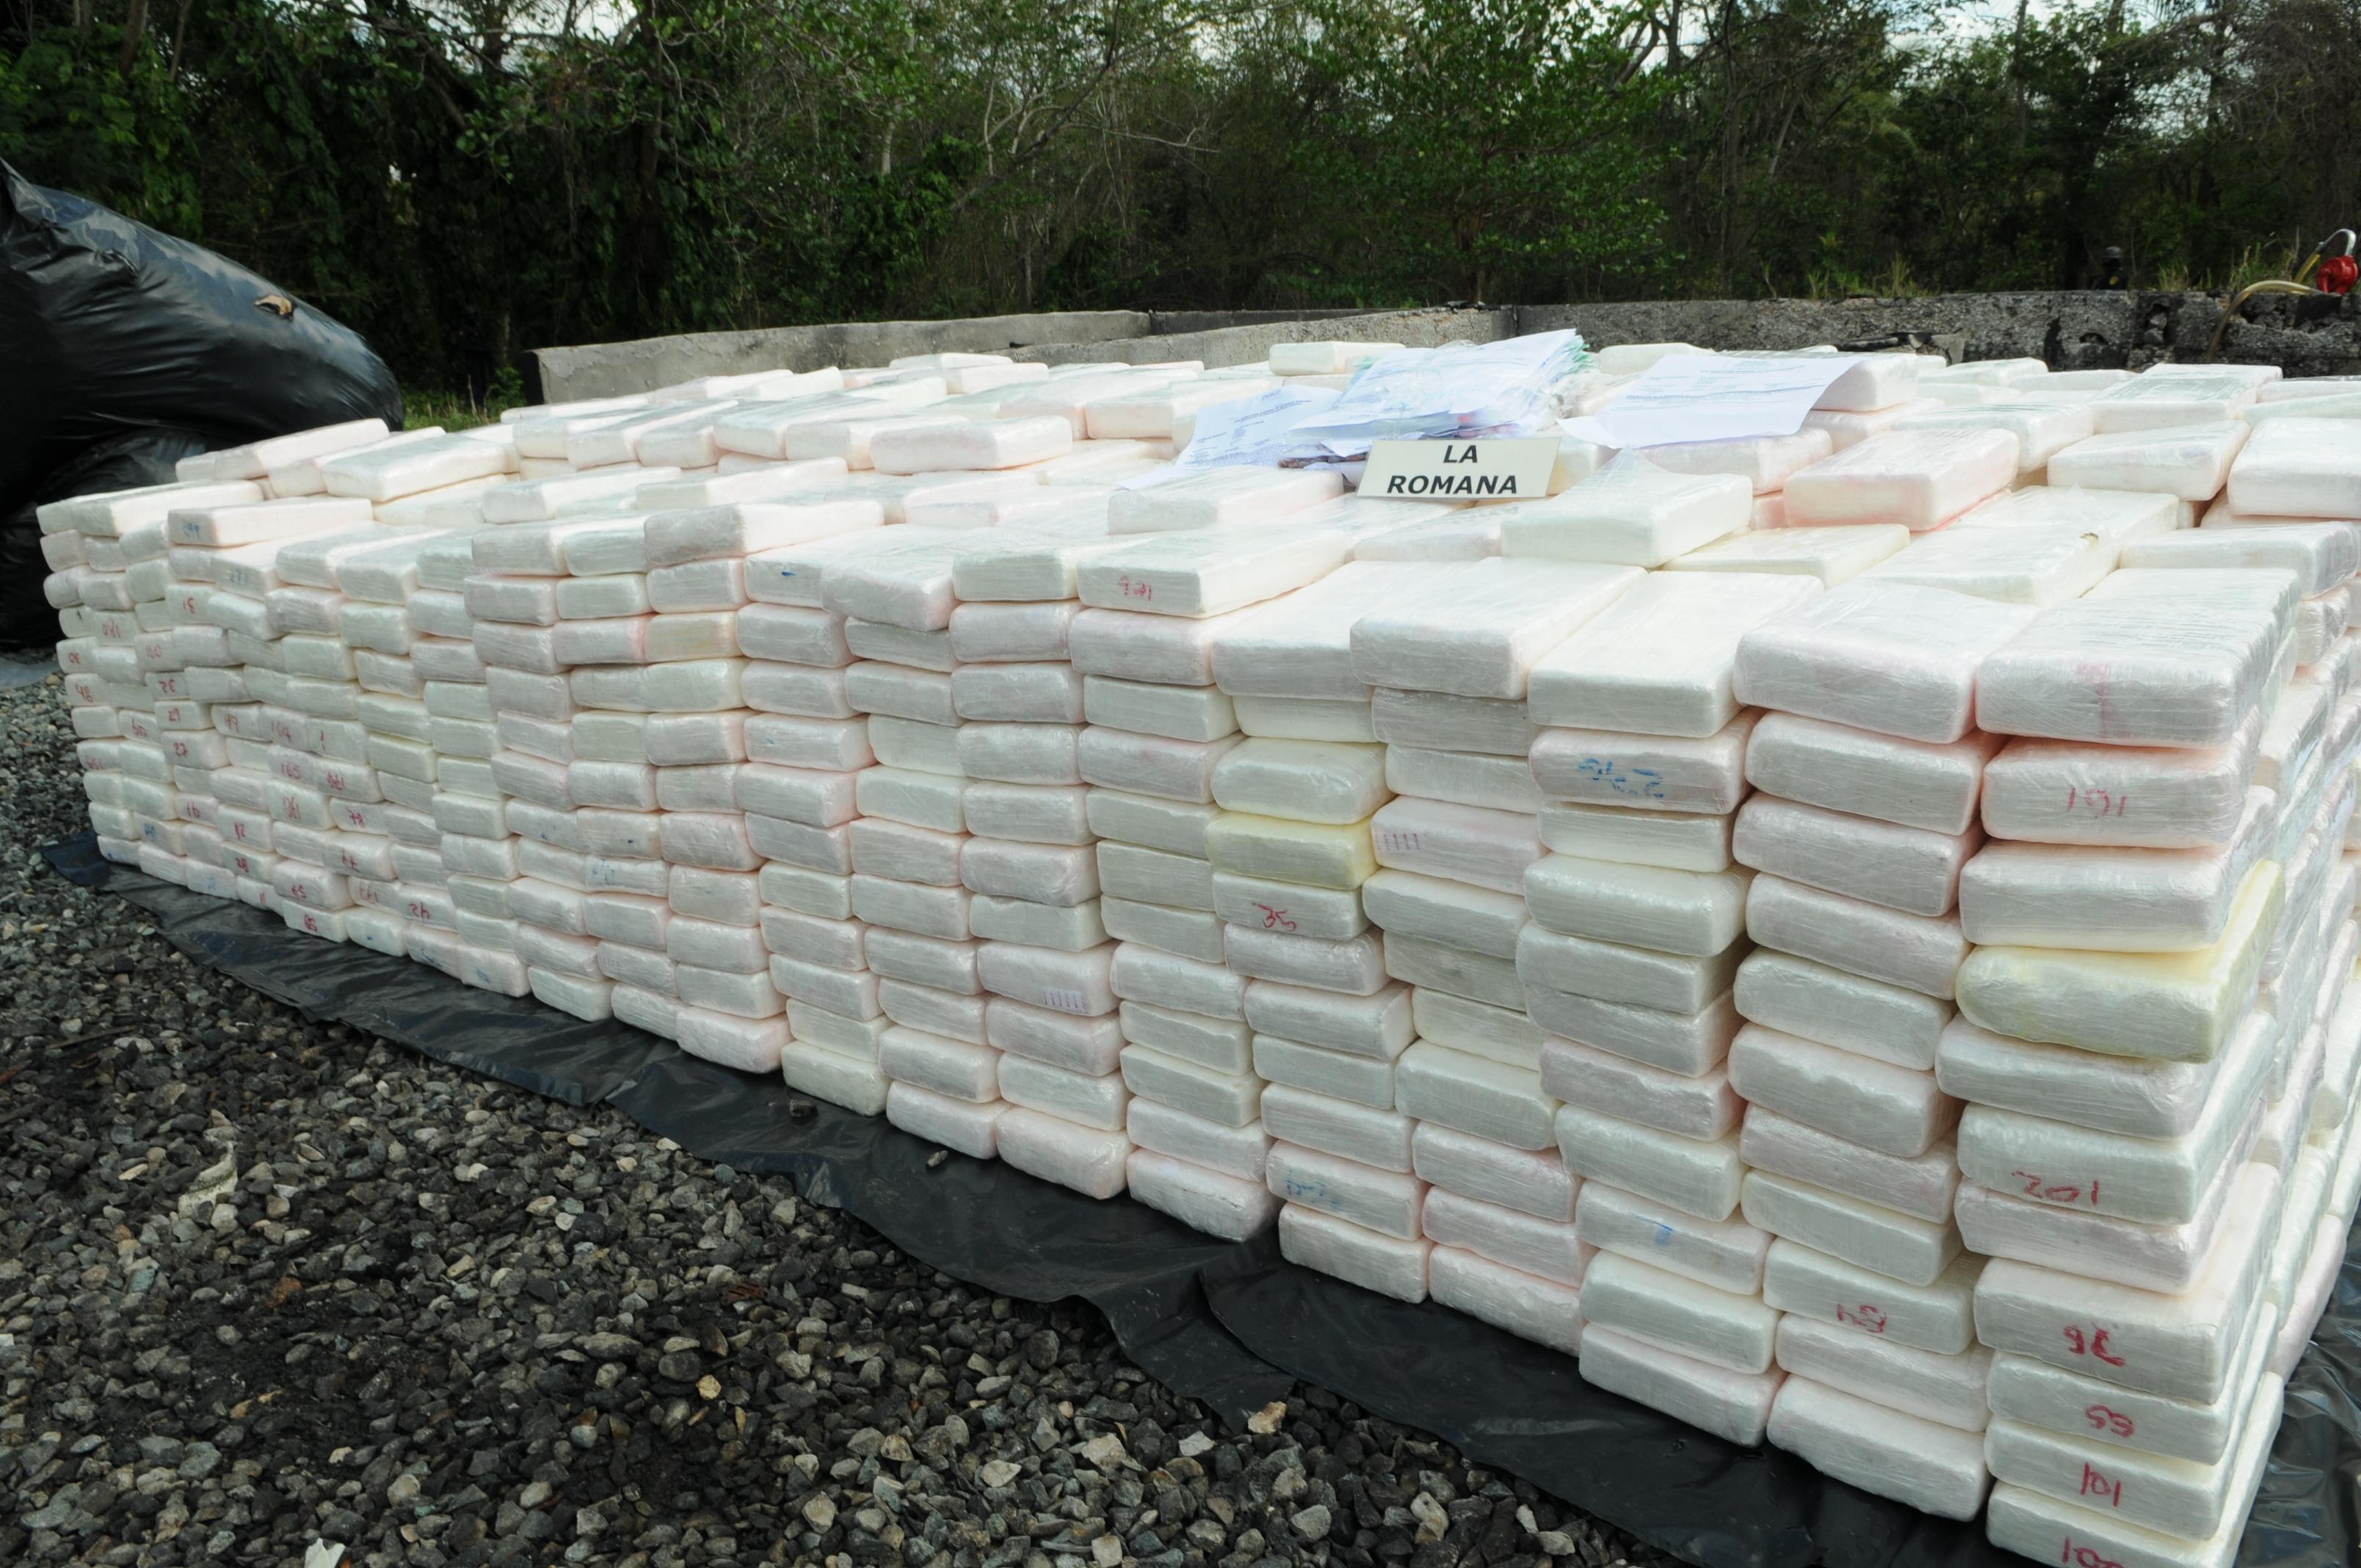 Incautan 1,7 toneladas de cocaína iban a introducirse en Puerto Rico